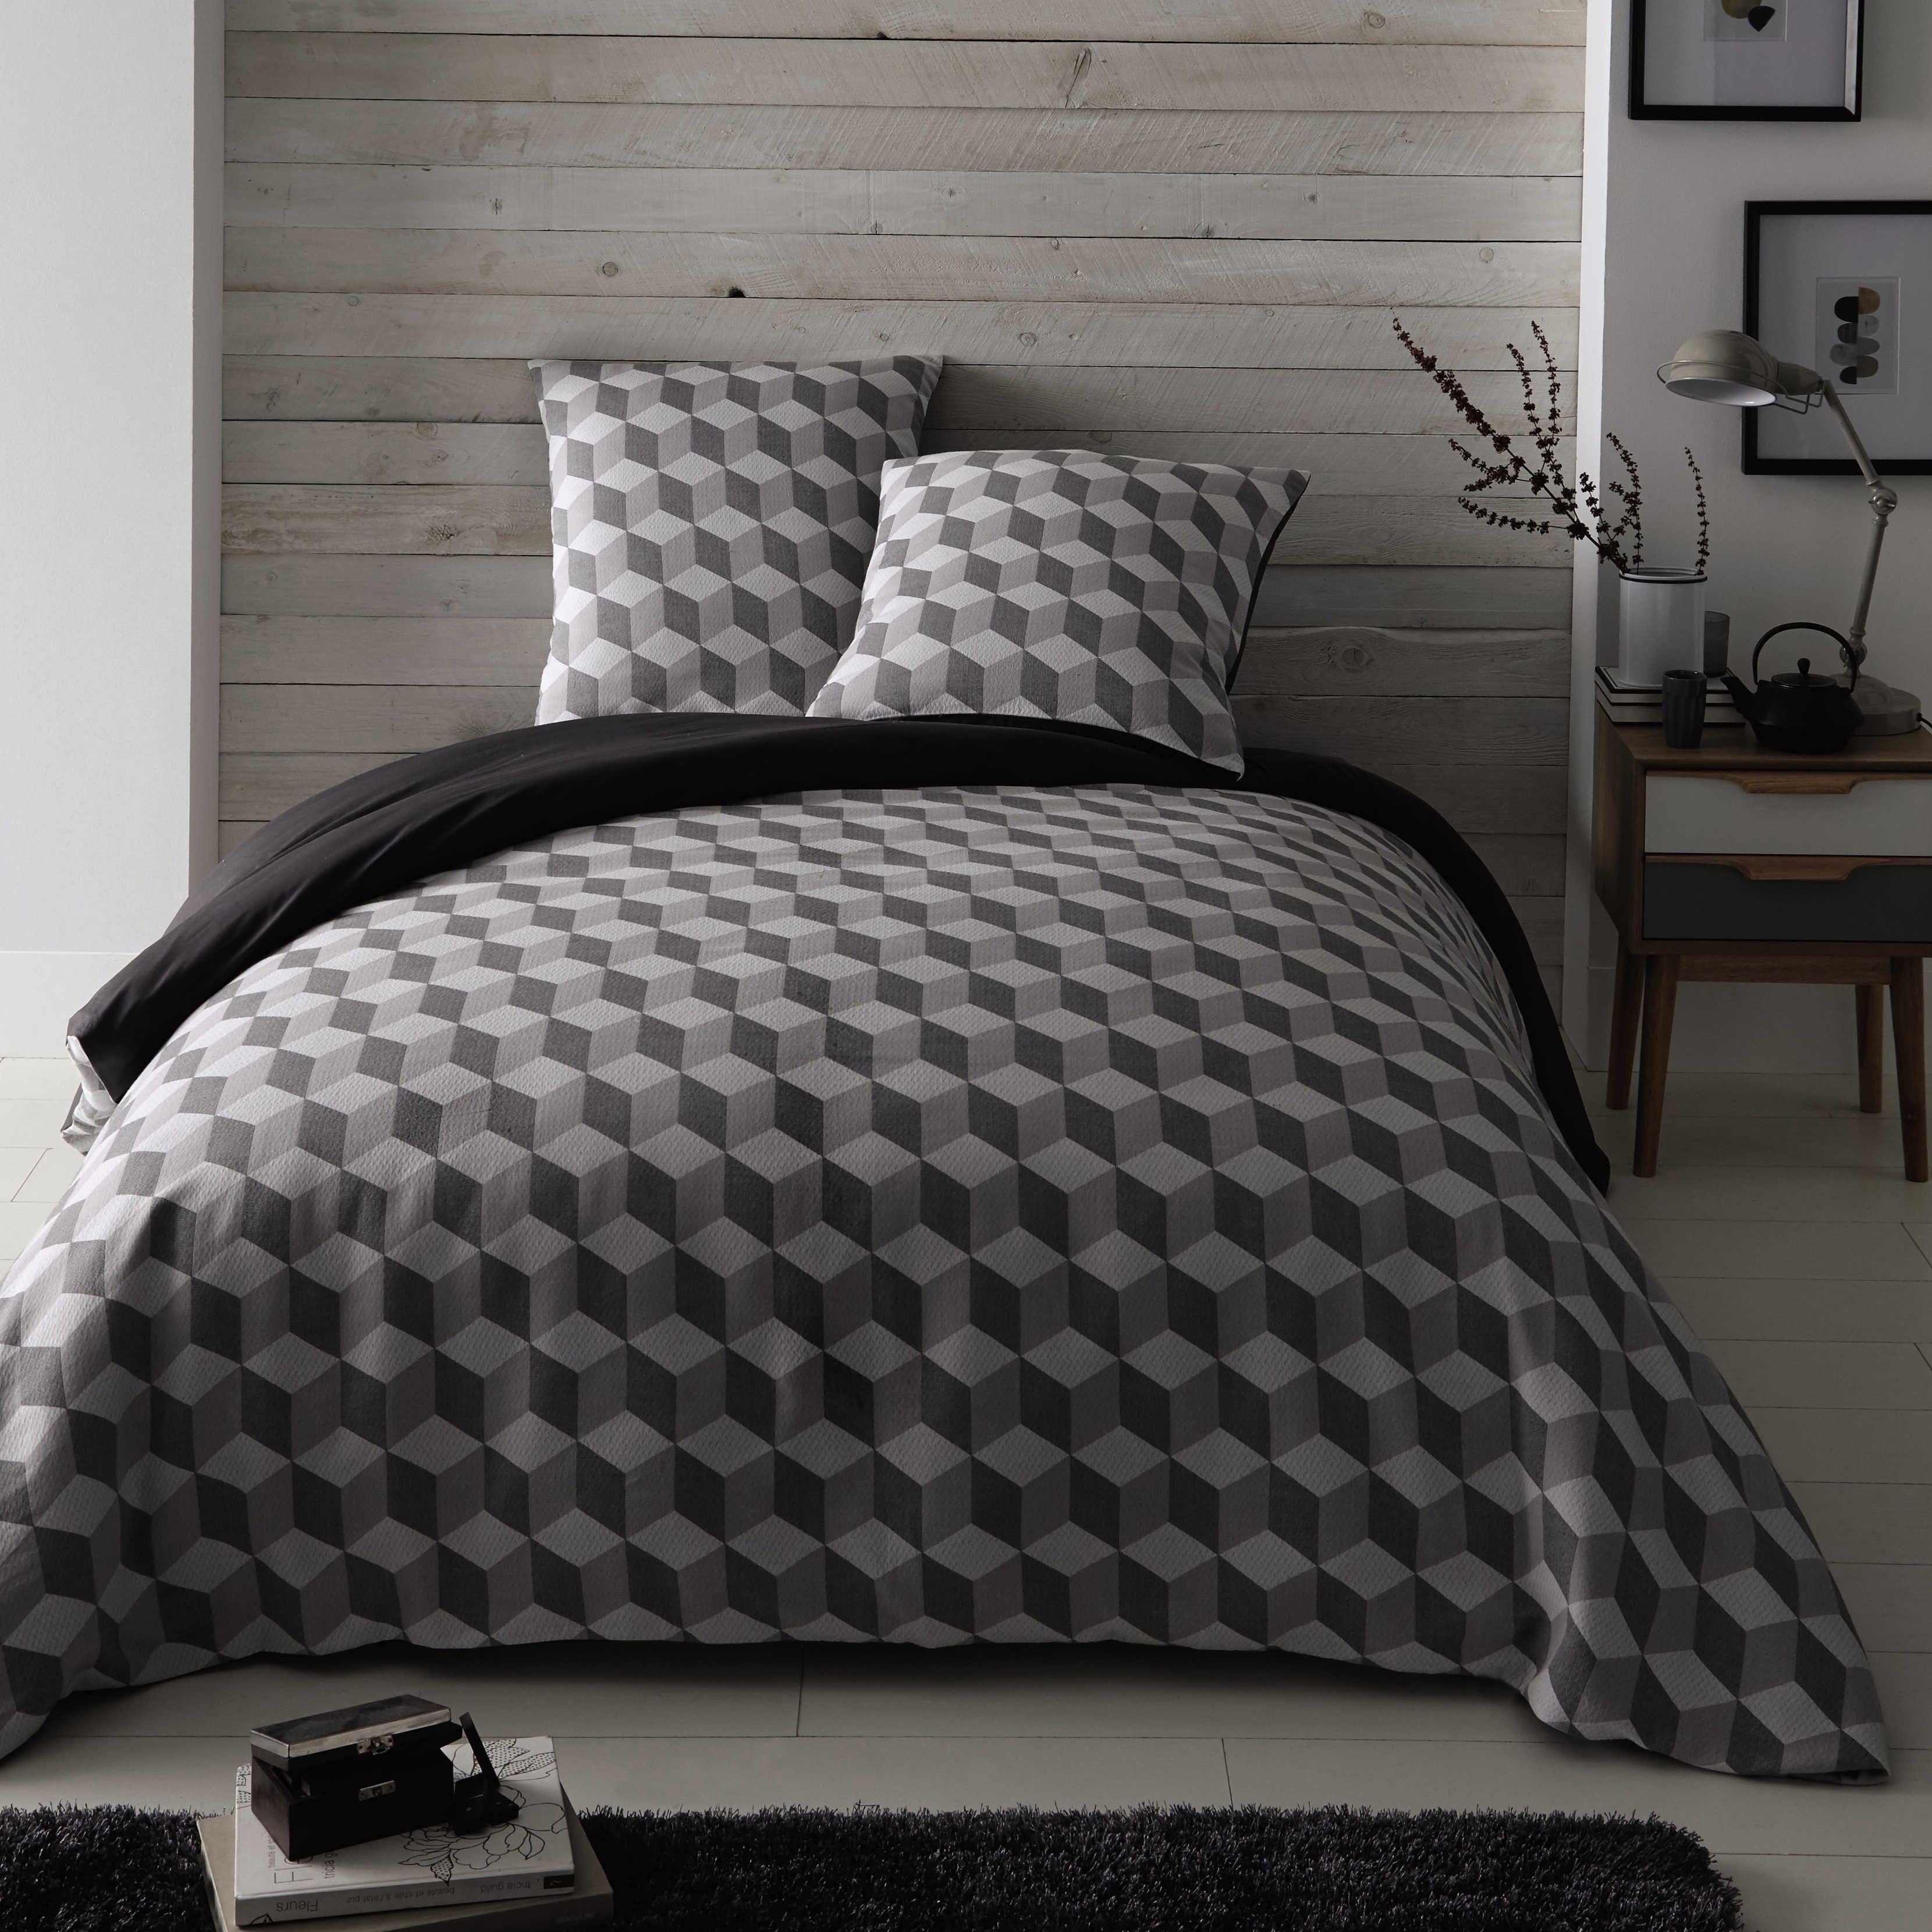 parure de lit 240 x 260 cm en coton blanche grise cubic. Black Bedroom Furniture Sets. Home Design Ideas